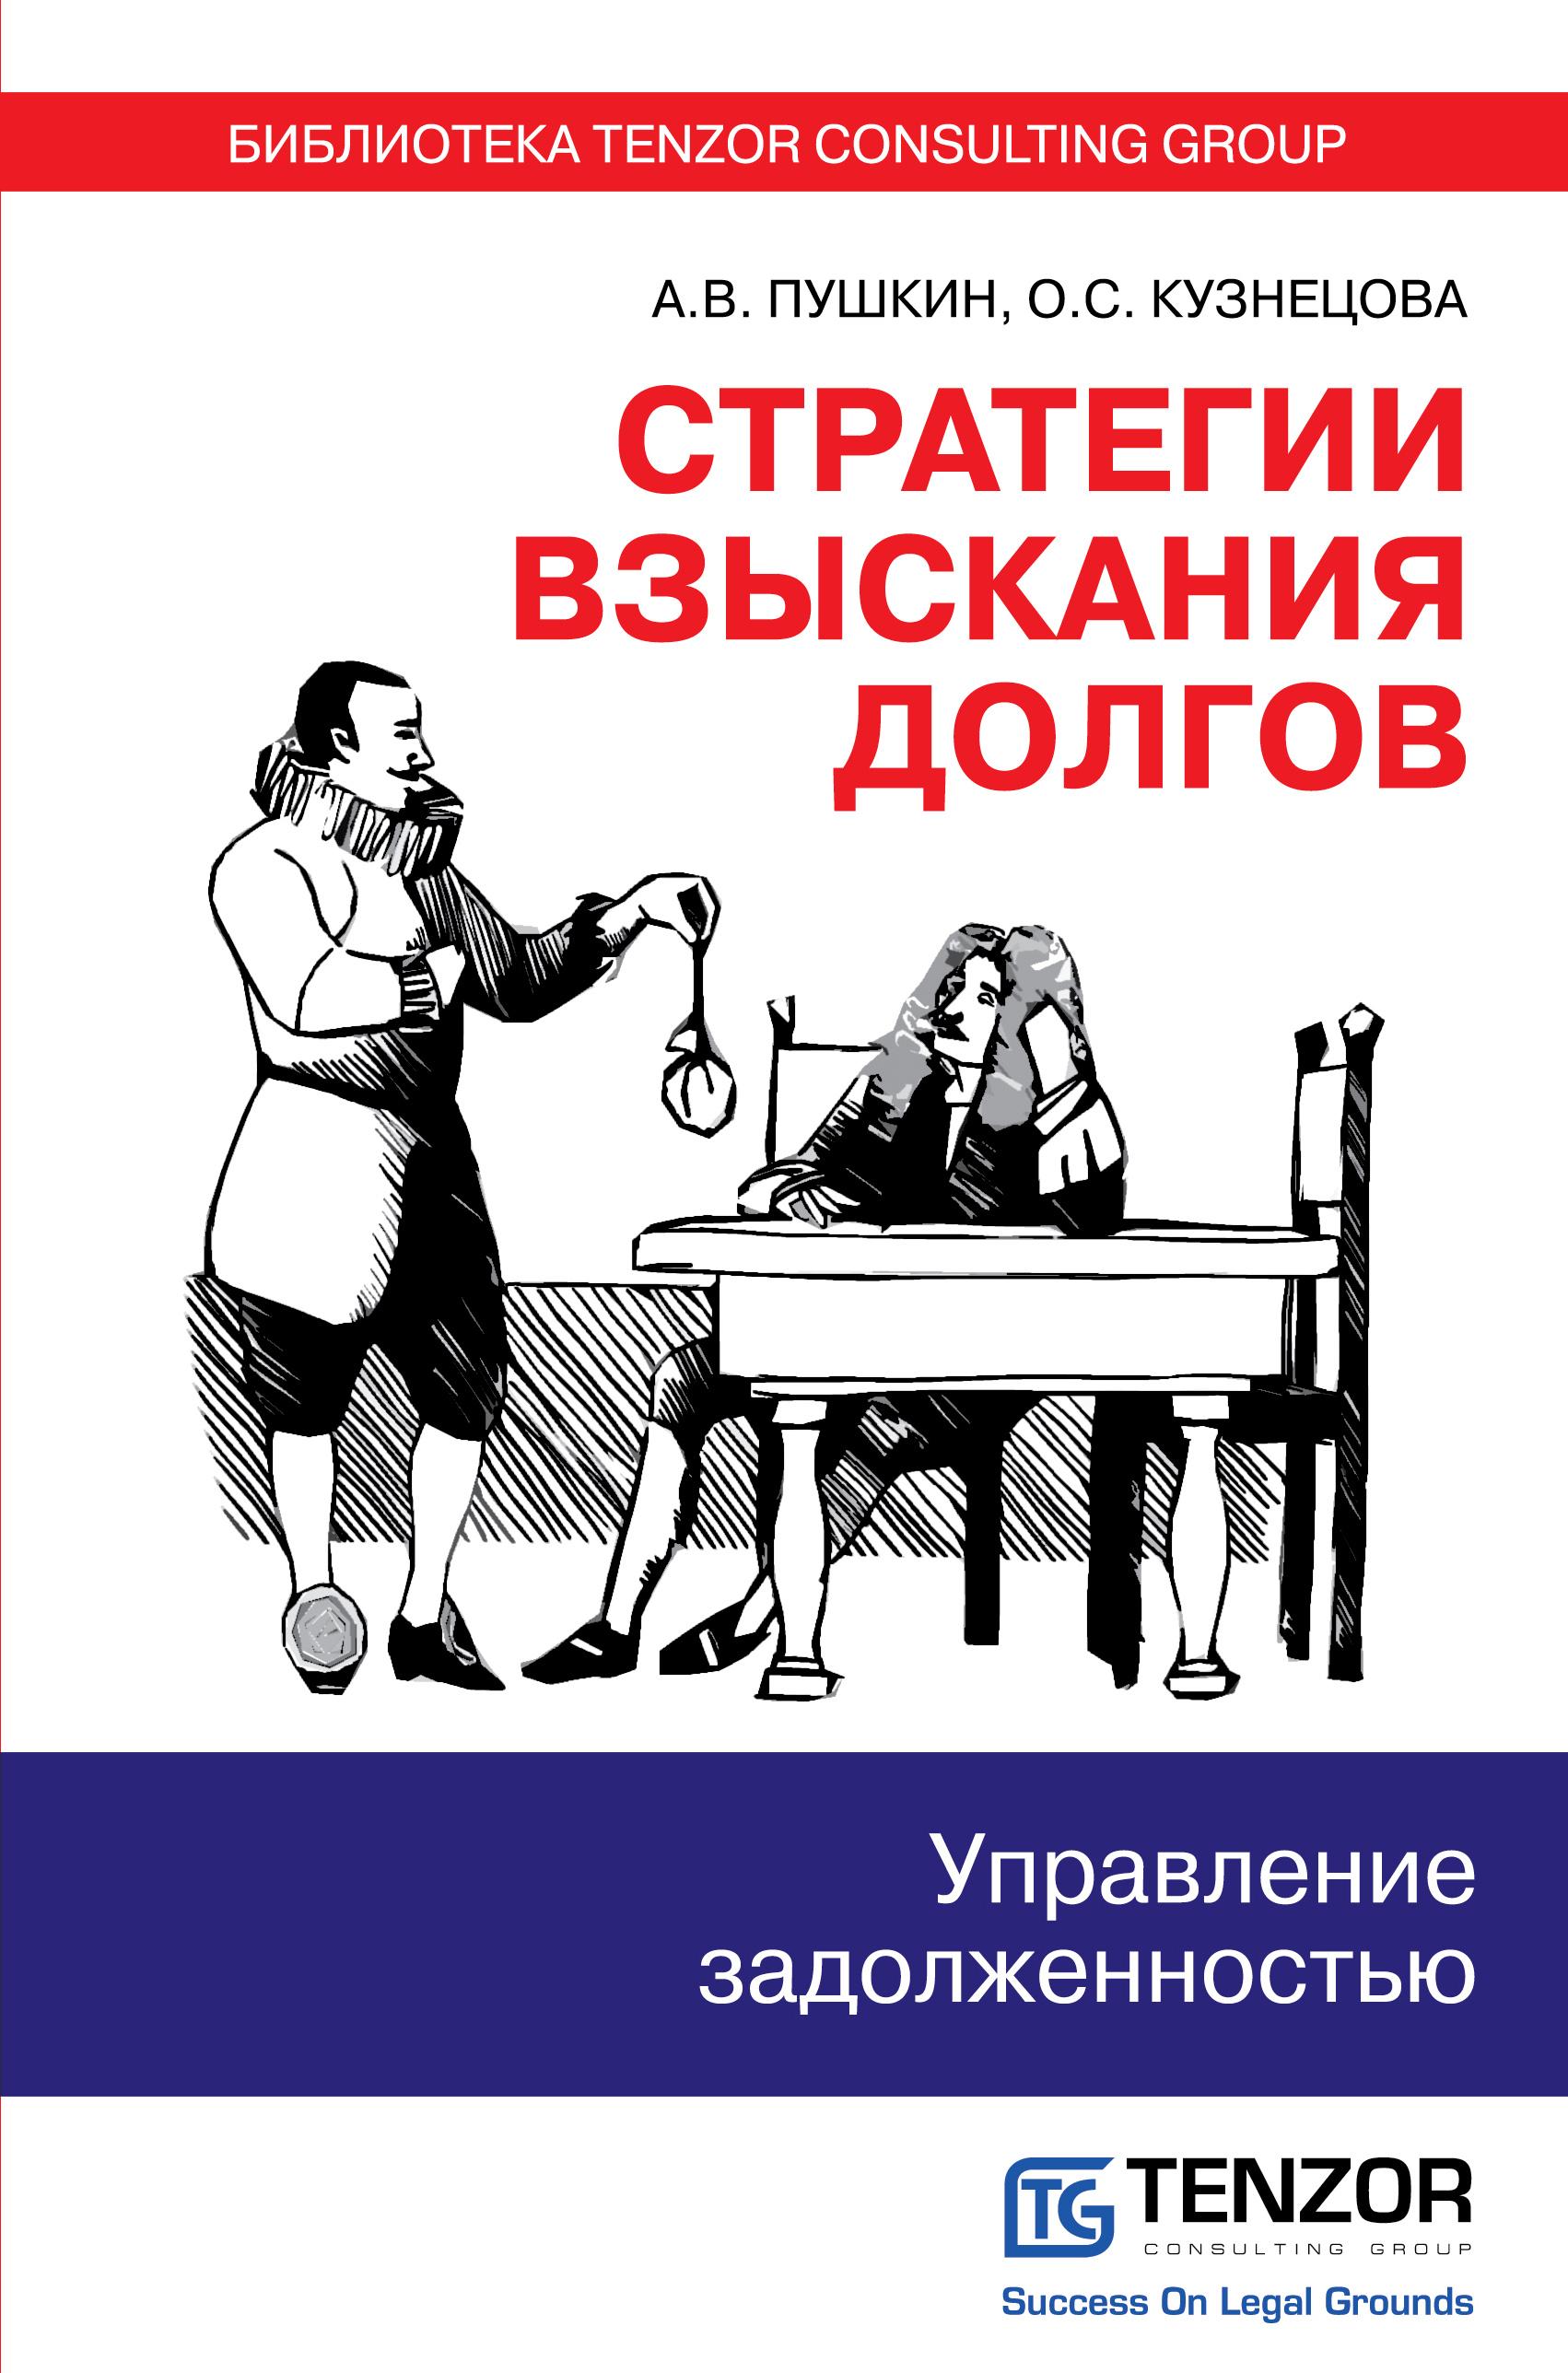 Стратегии взыскания долгов: управление задолженностью ( Пушкин А.В., Кузнецова О.С.  )